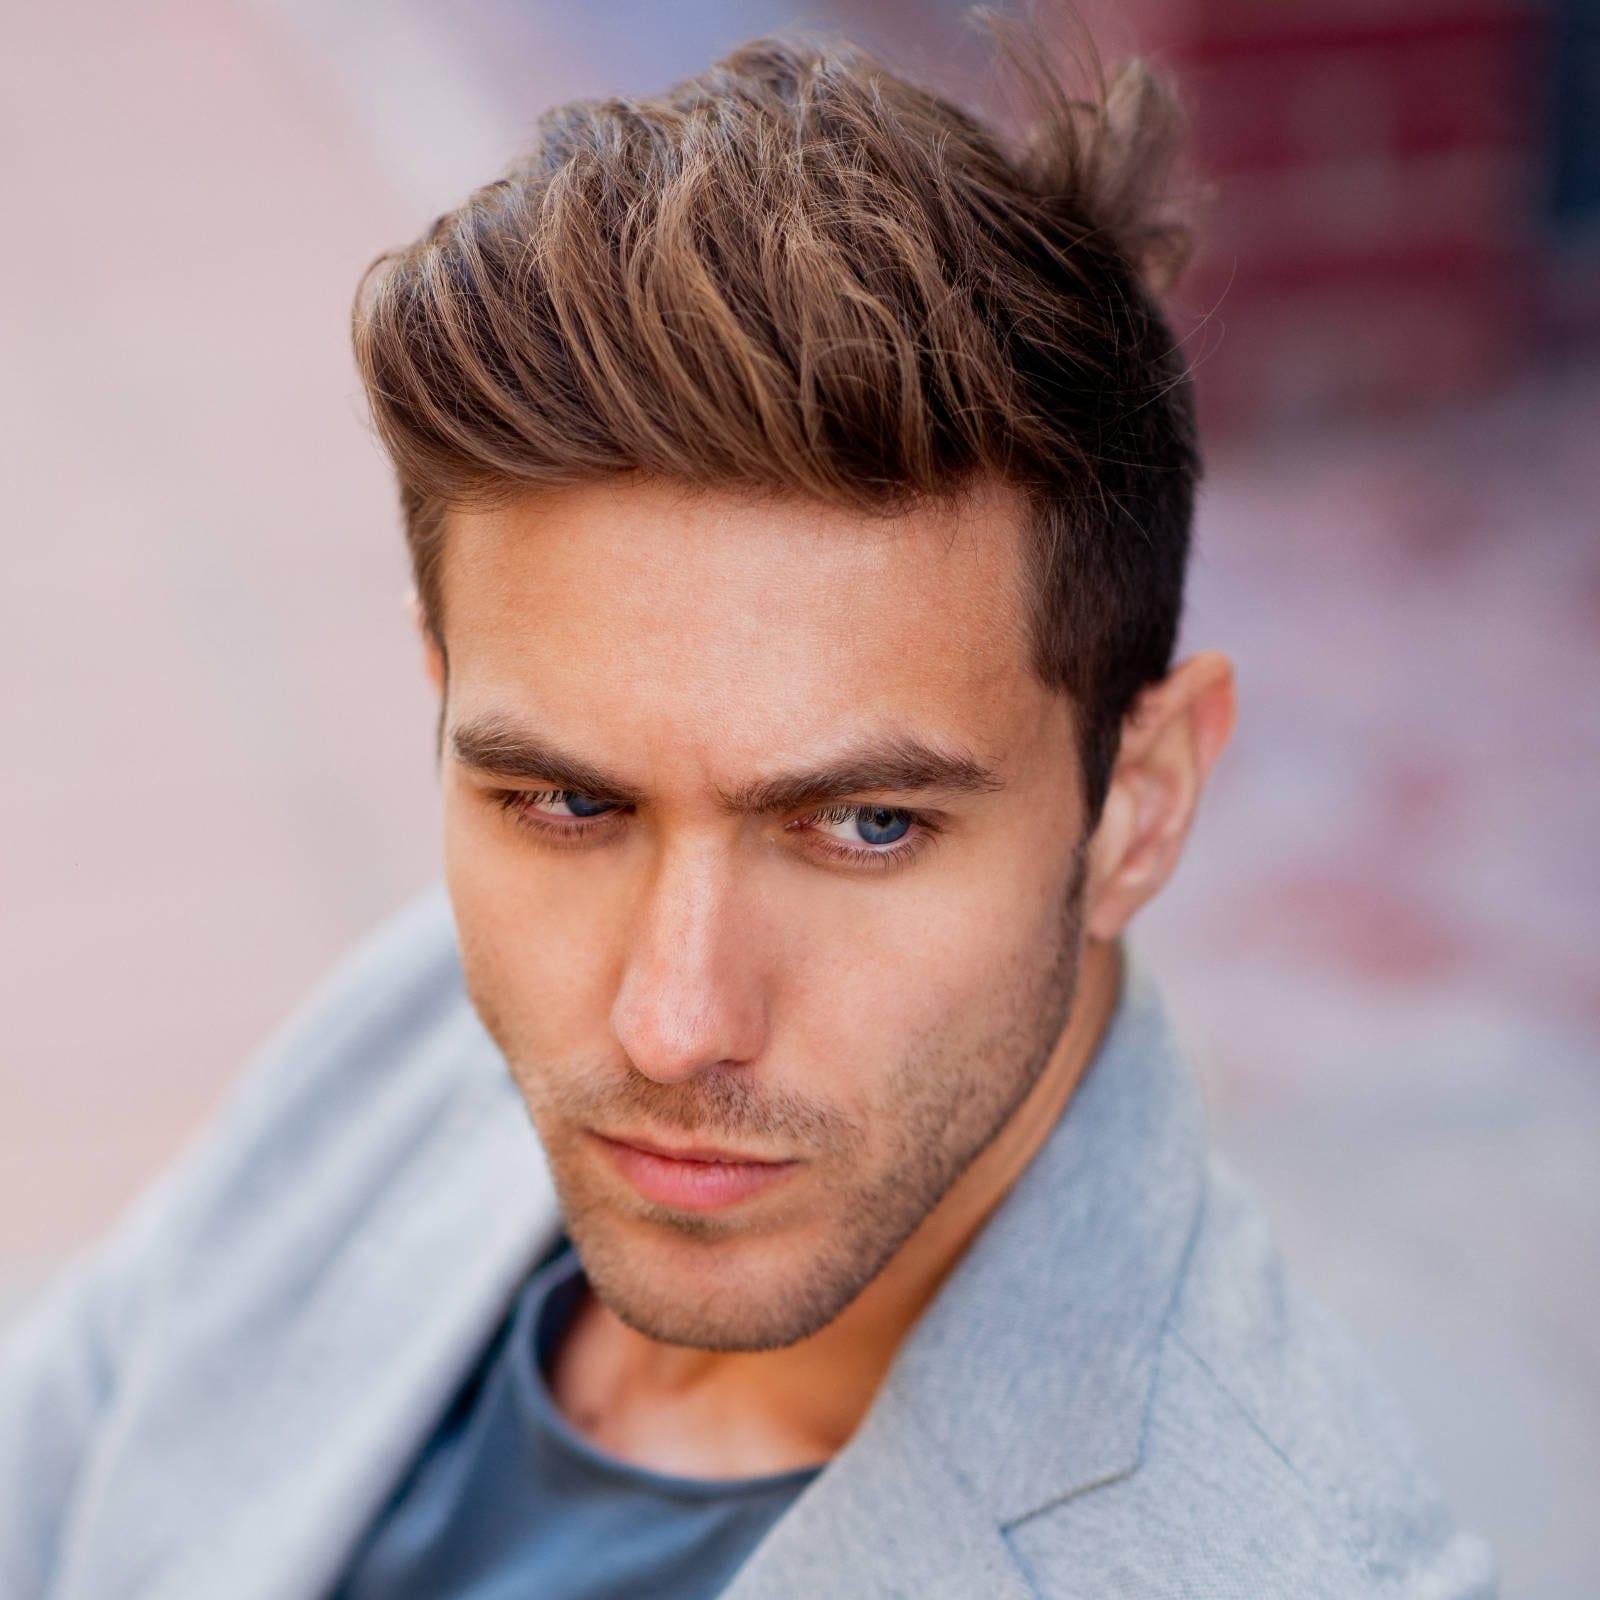 Kiểu tóc nam Undercut Thick Textured Slick Back và râu